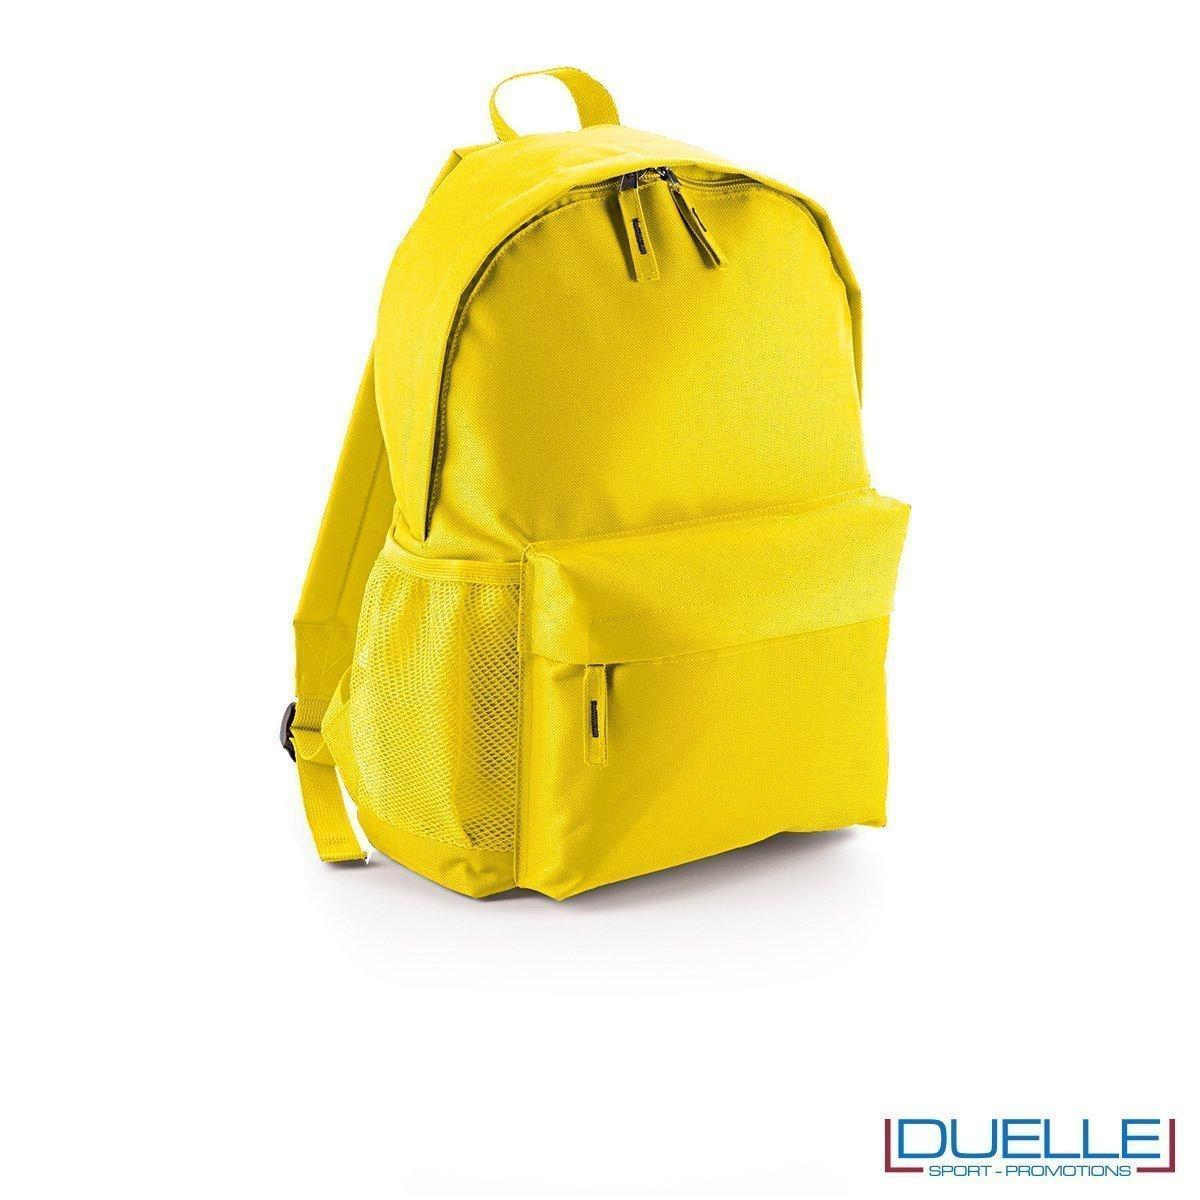 zaino personalizzato giallo, gadget promozionale sport e tempo libero